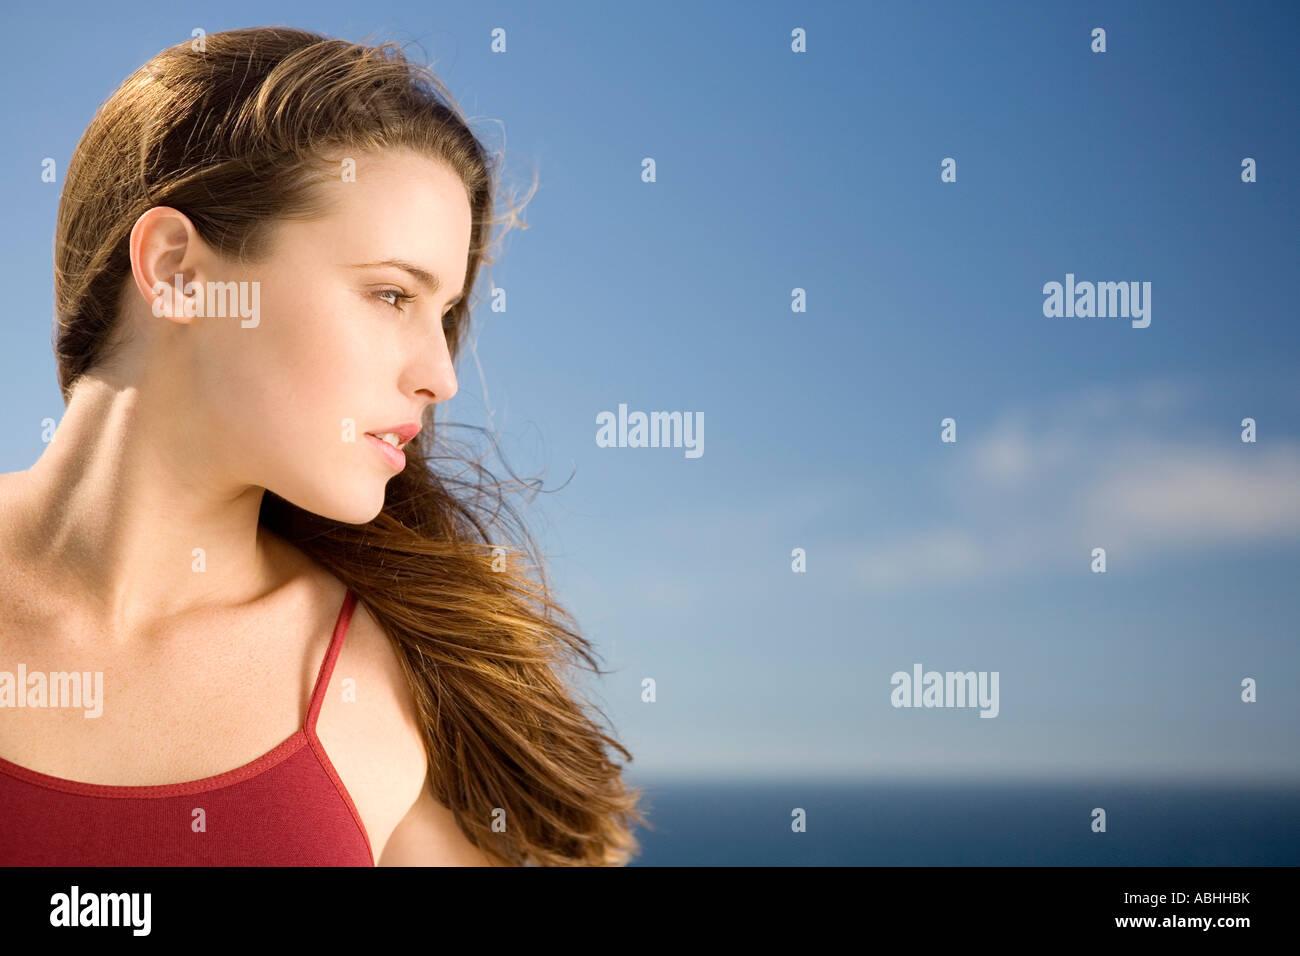 Porträt einer jungen Frau, Profil, im freien Stockbild